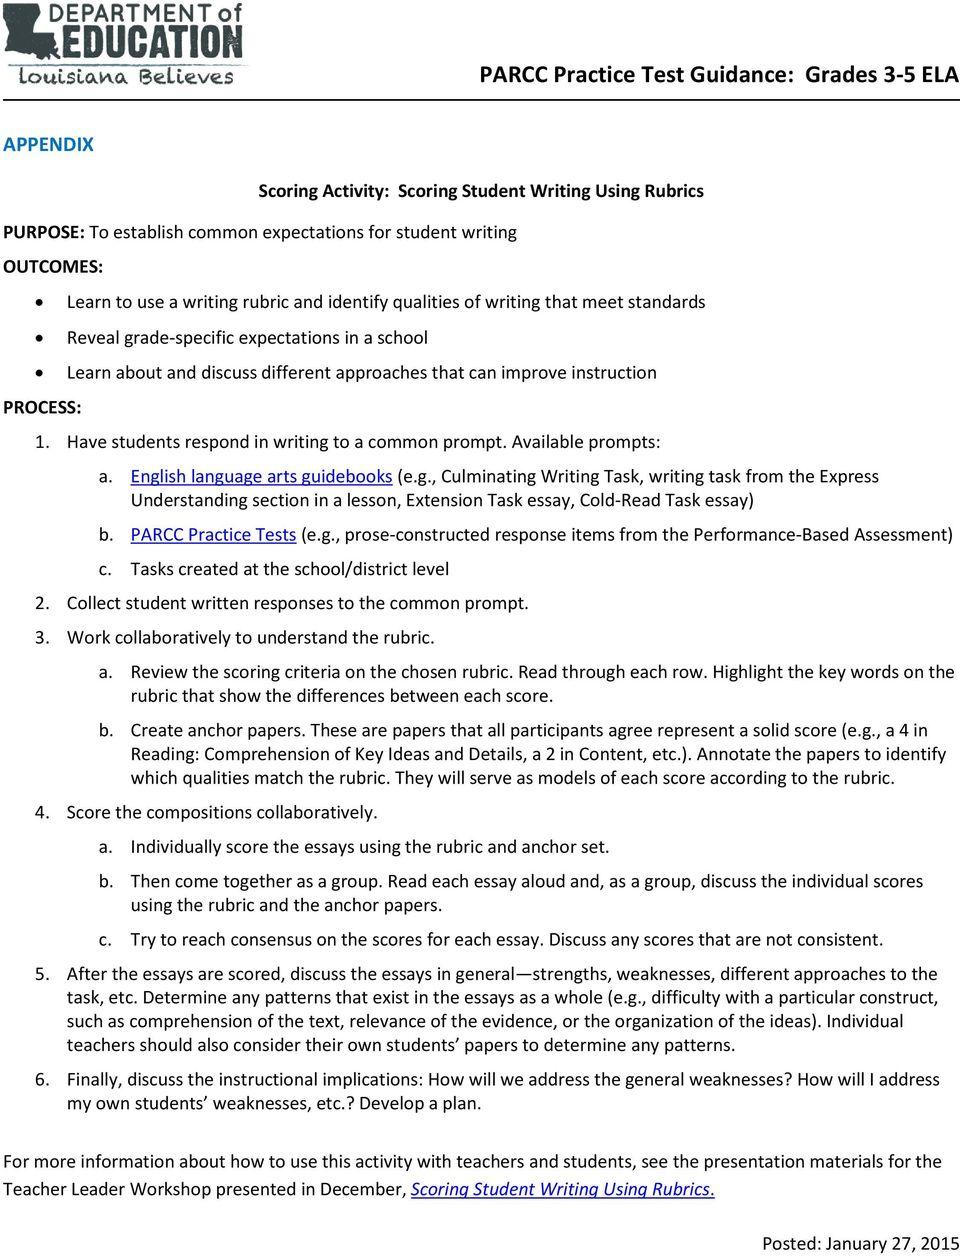 schools homework helpacademic writers cobiscorp essay on p   schools homework helpacademic writers cobiscorp essay on p strengths  and weaknesses writing my in example